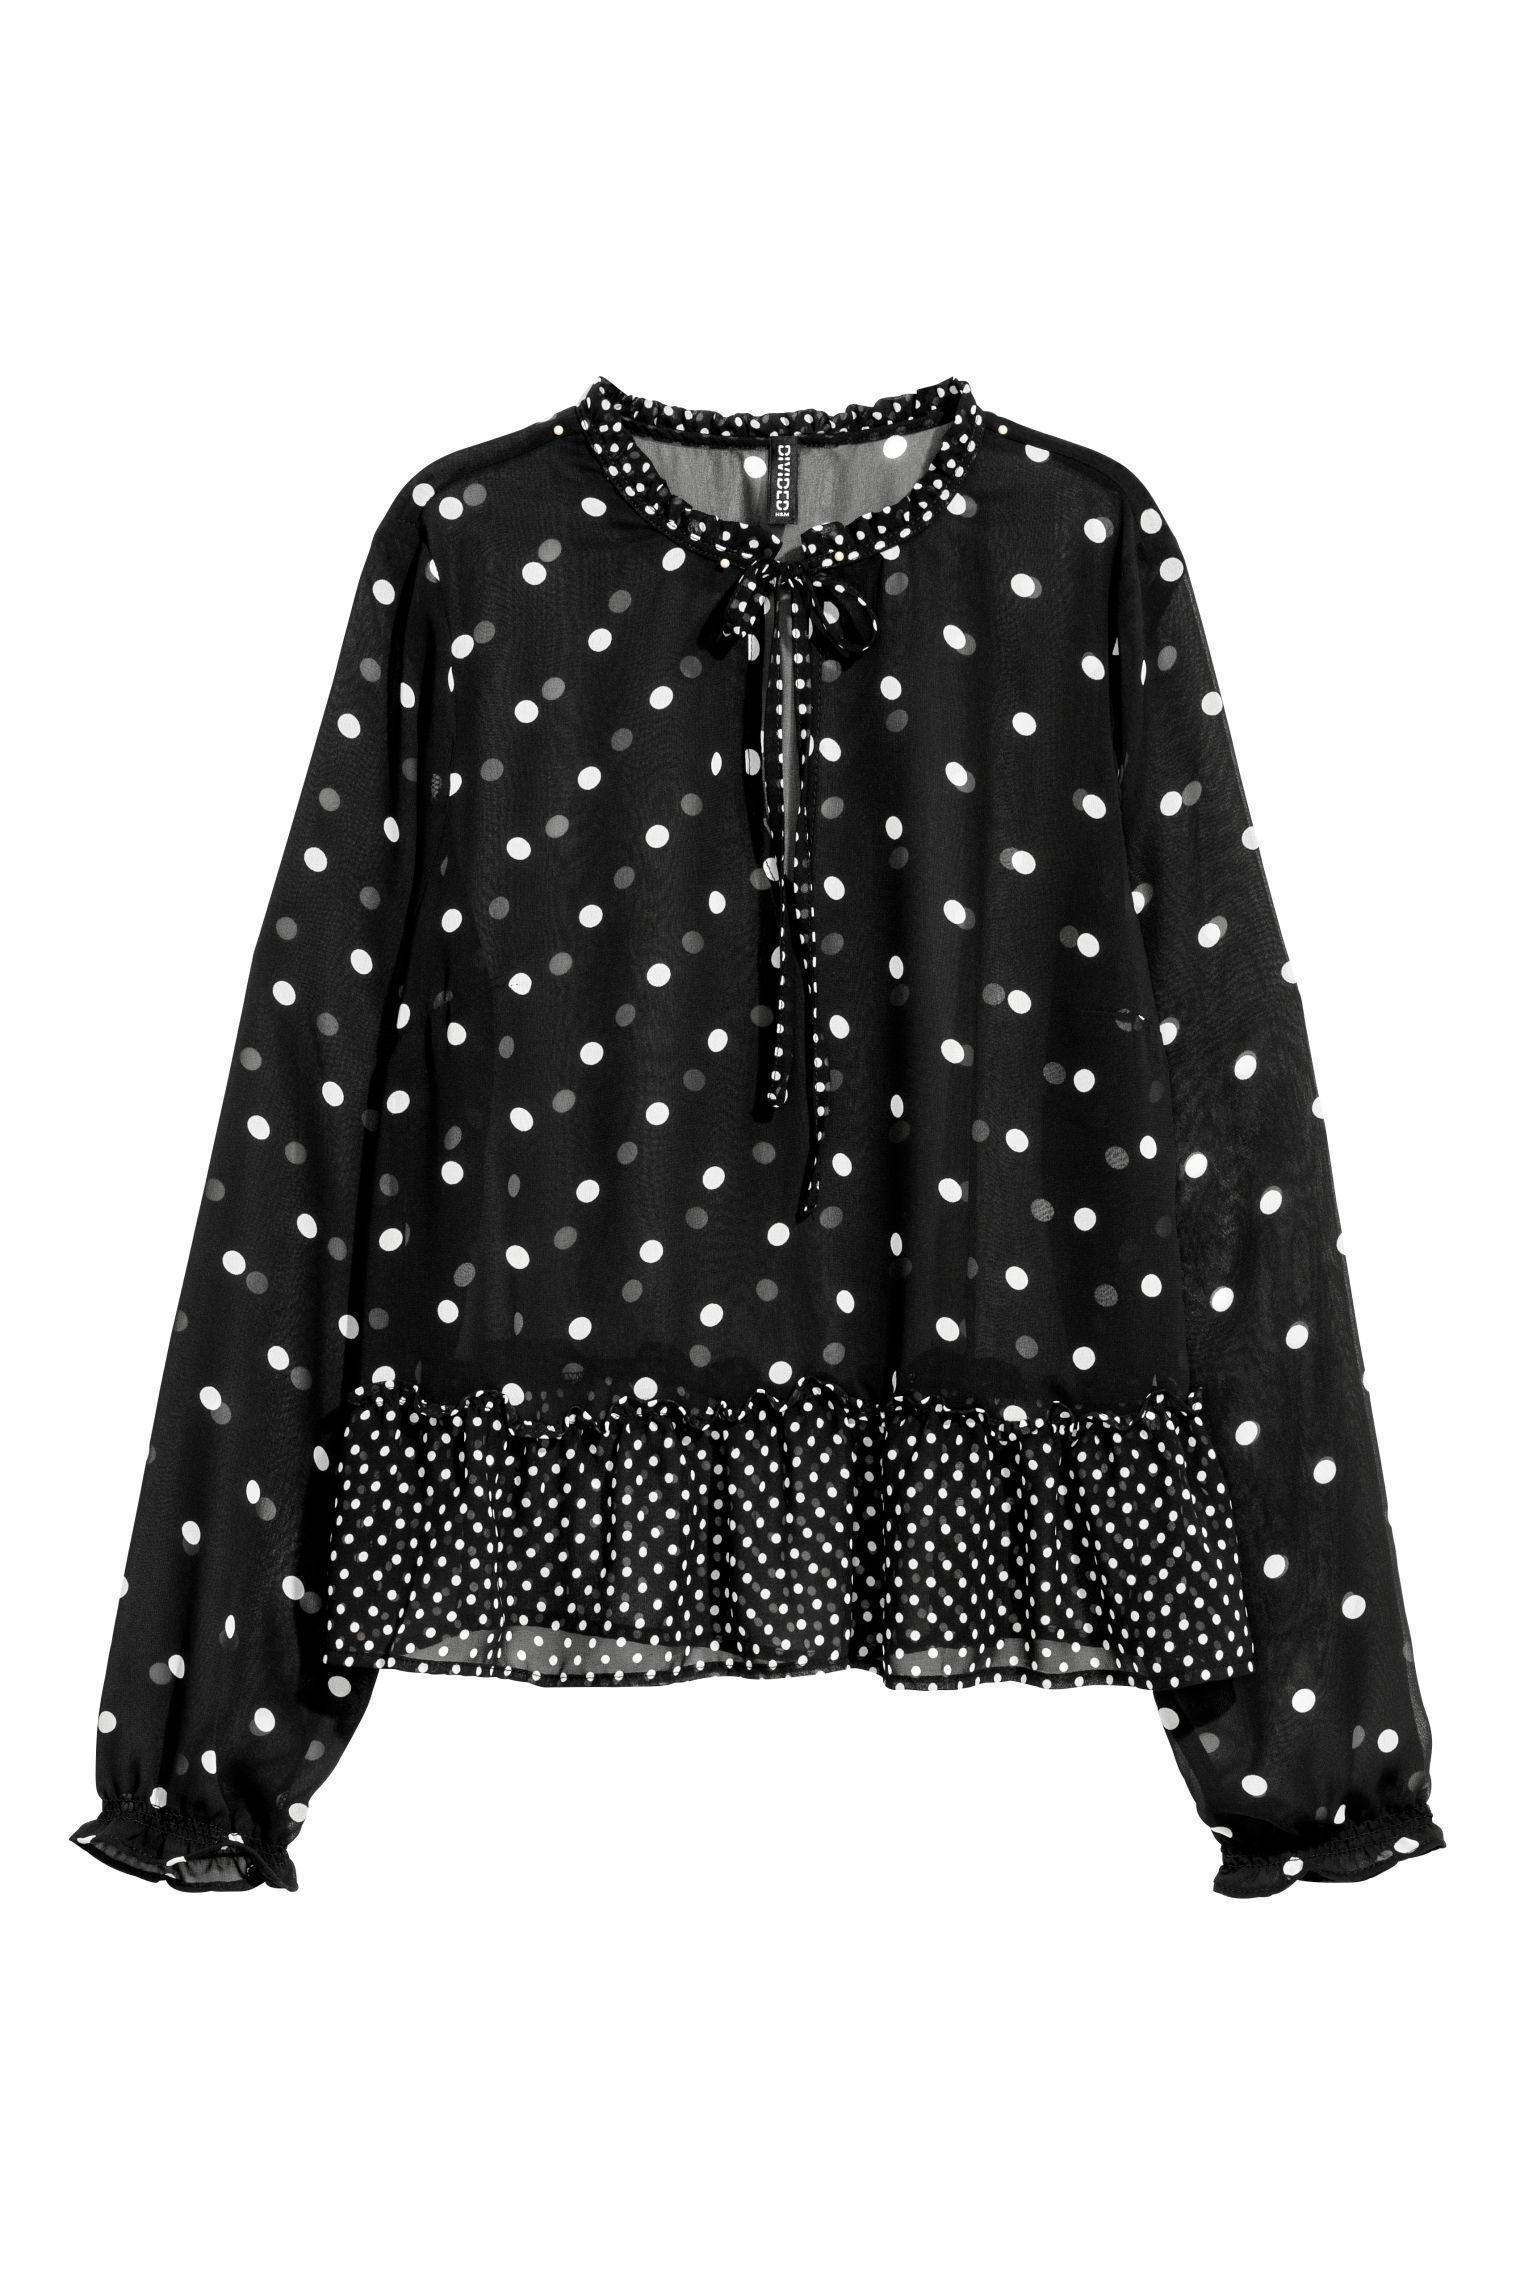 Blusa de gasa de H&M (19,99 euros).